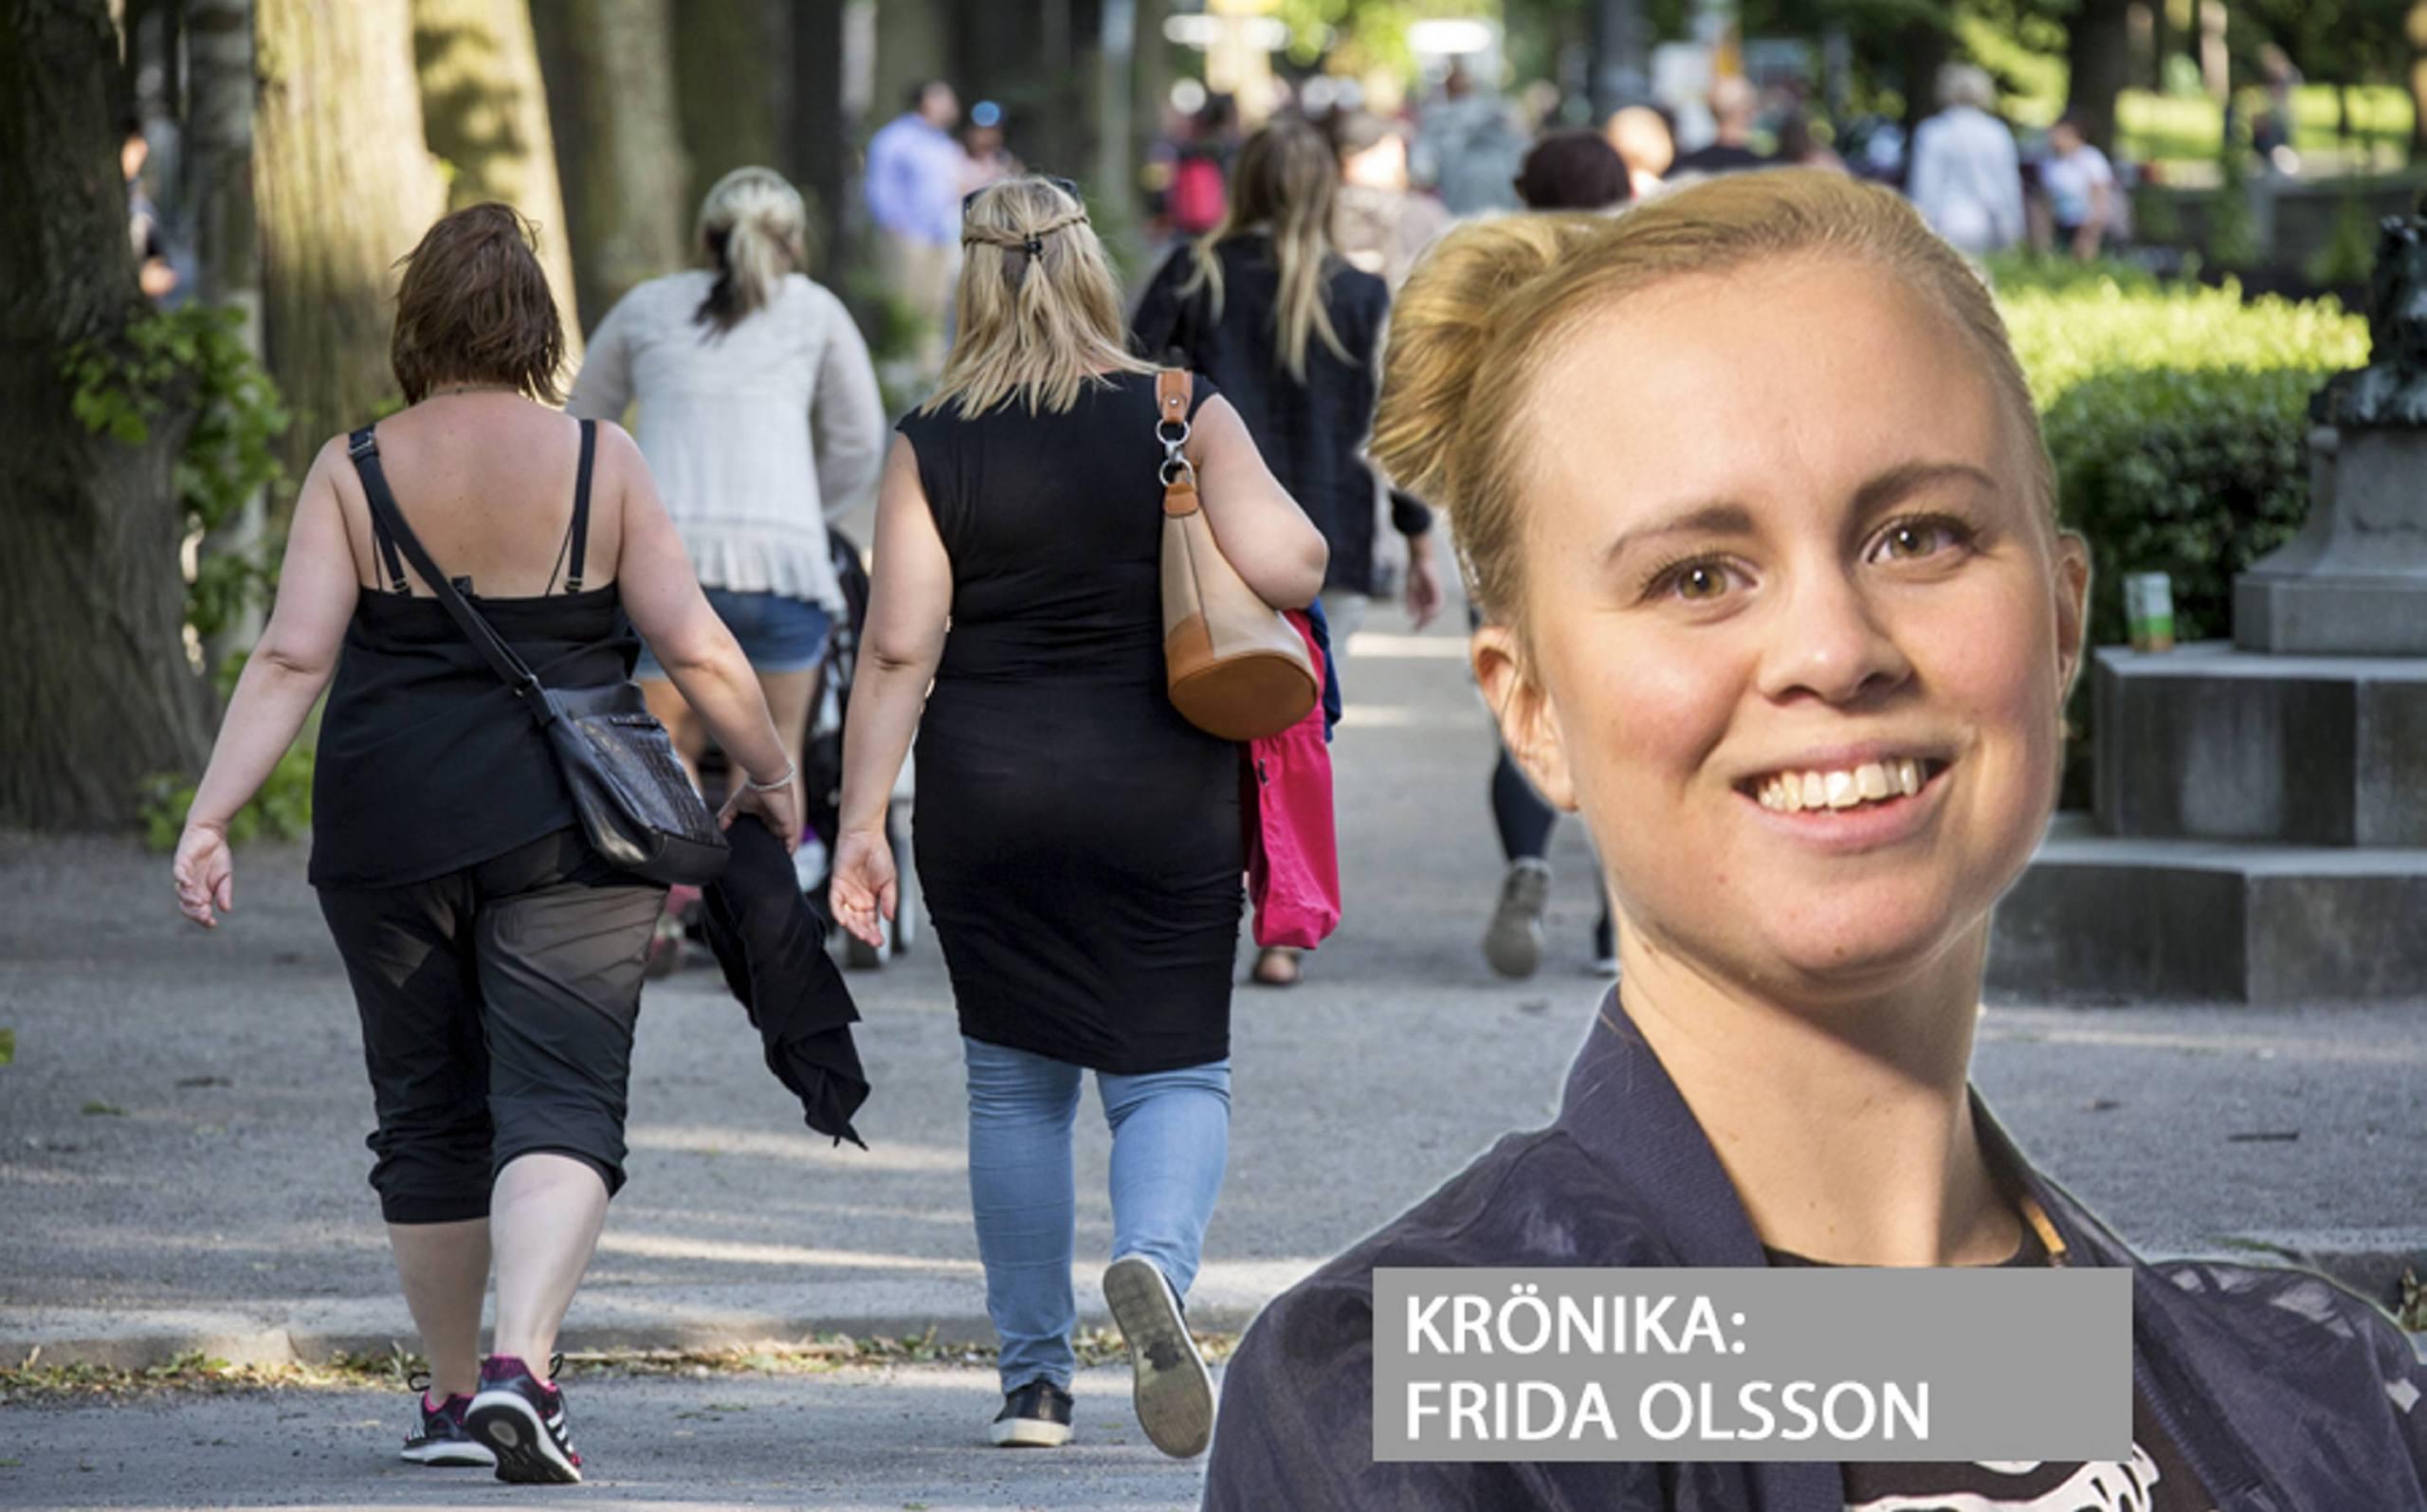 Kronika vad hander nar fotografen ar en kvinna